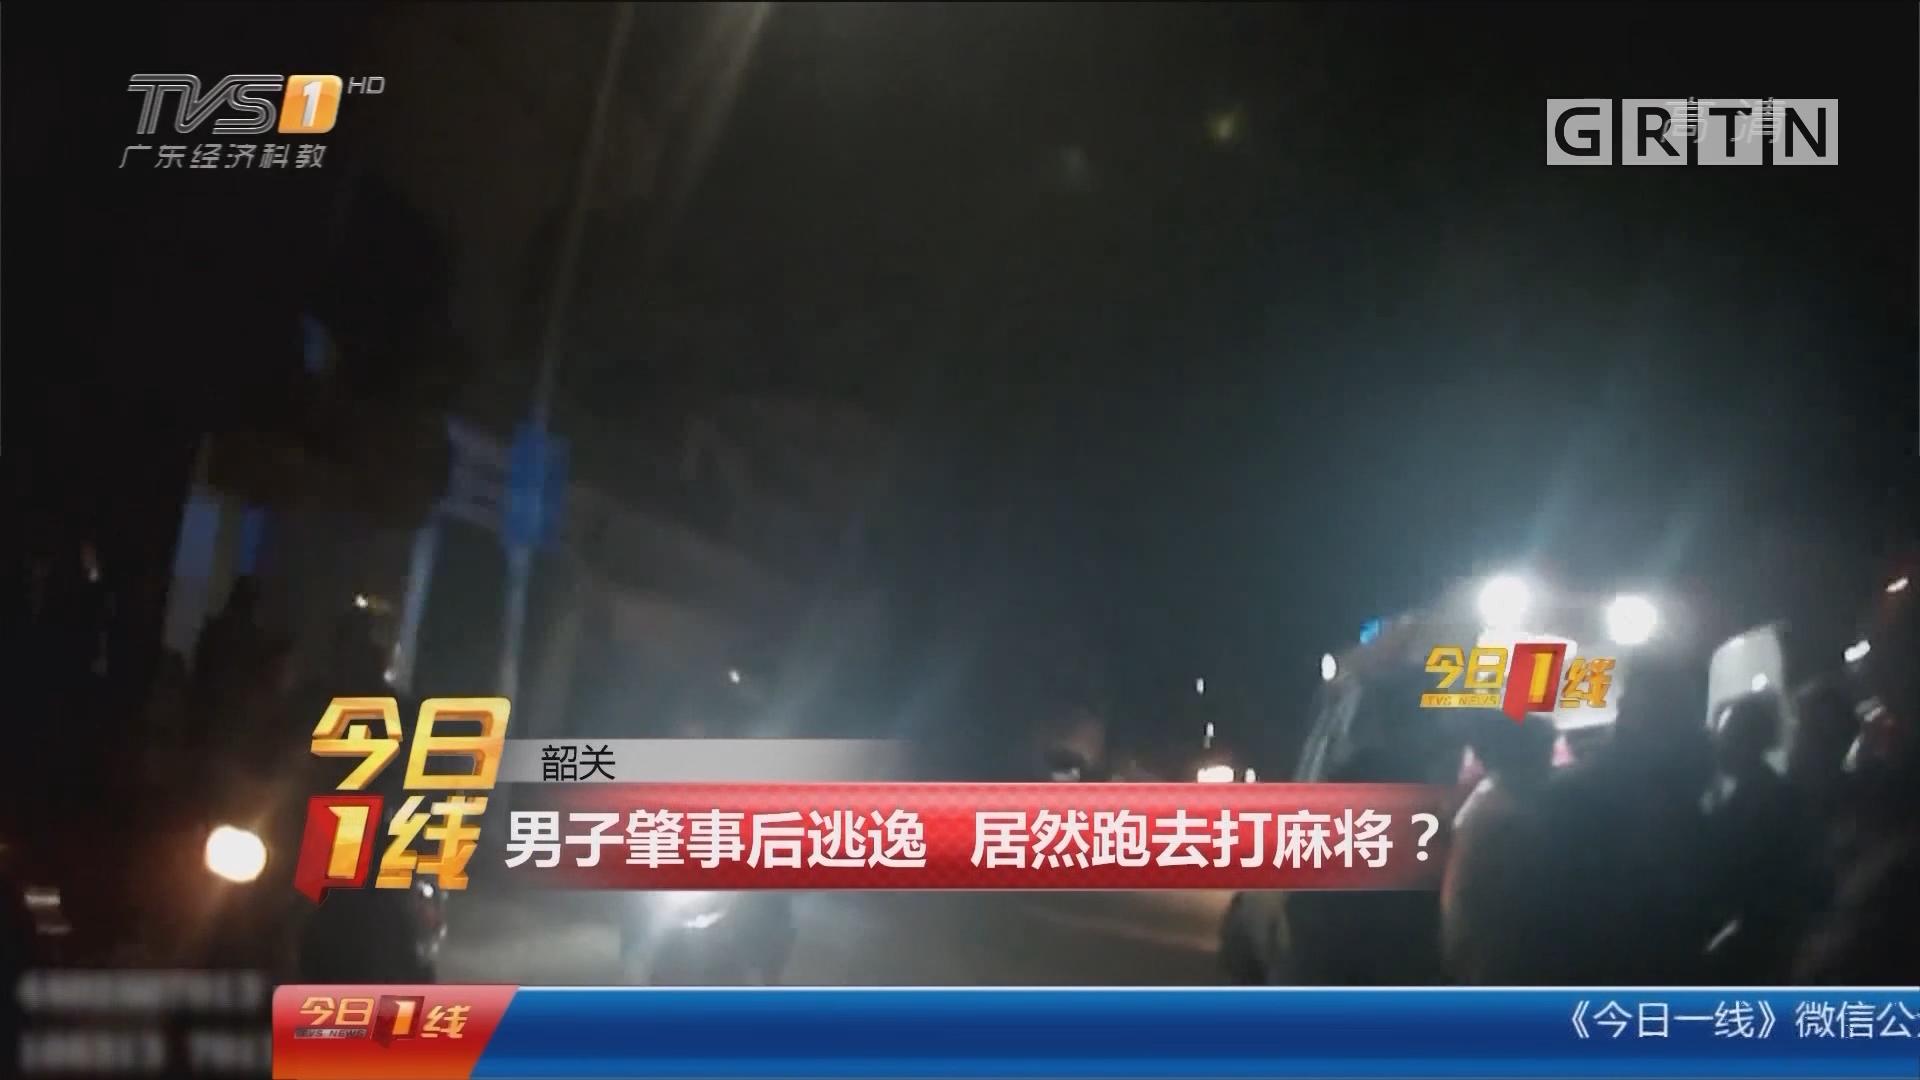 韶关:男子肇事后逃逸 居然跑去打麻将?